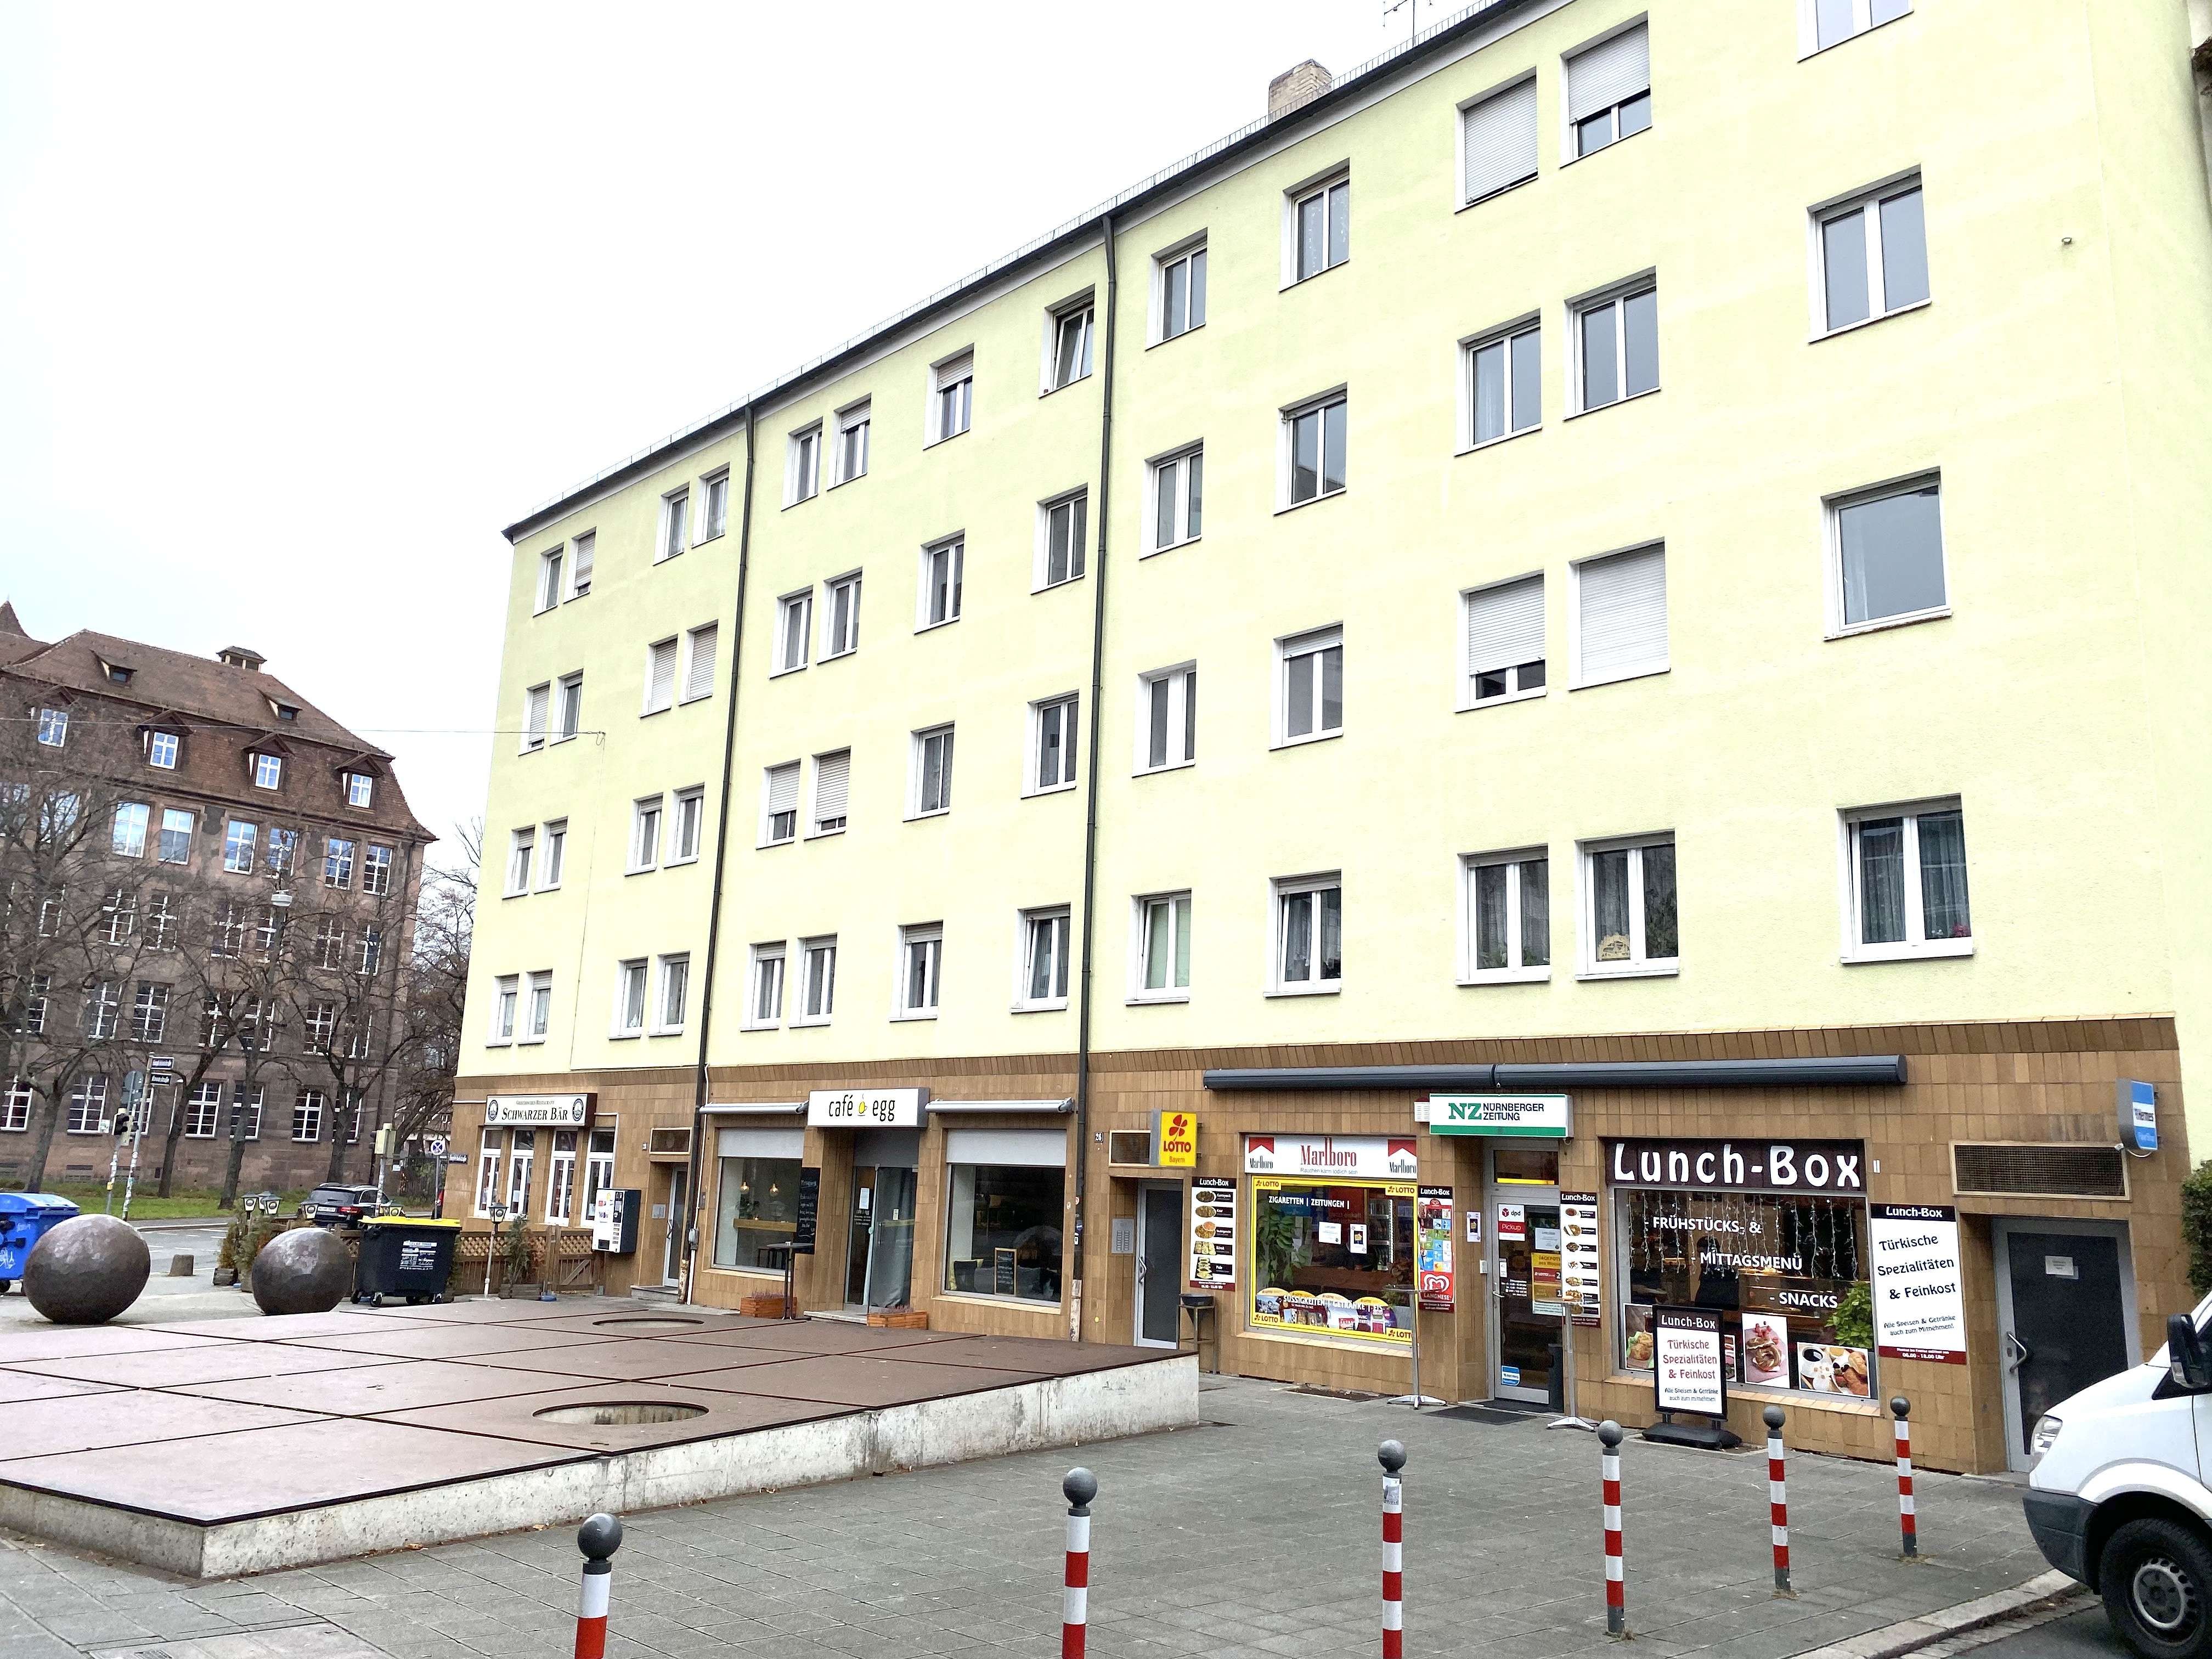 Kurzzeitvermietung möglich!!!☀️☀️☀️Sonnige, helle Wohnung  im 1. OG!☀️☀️☀️ Top- Lage!!! in Himpfelshof (Nürnberg)